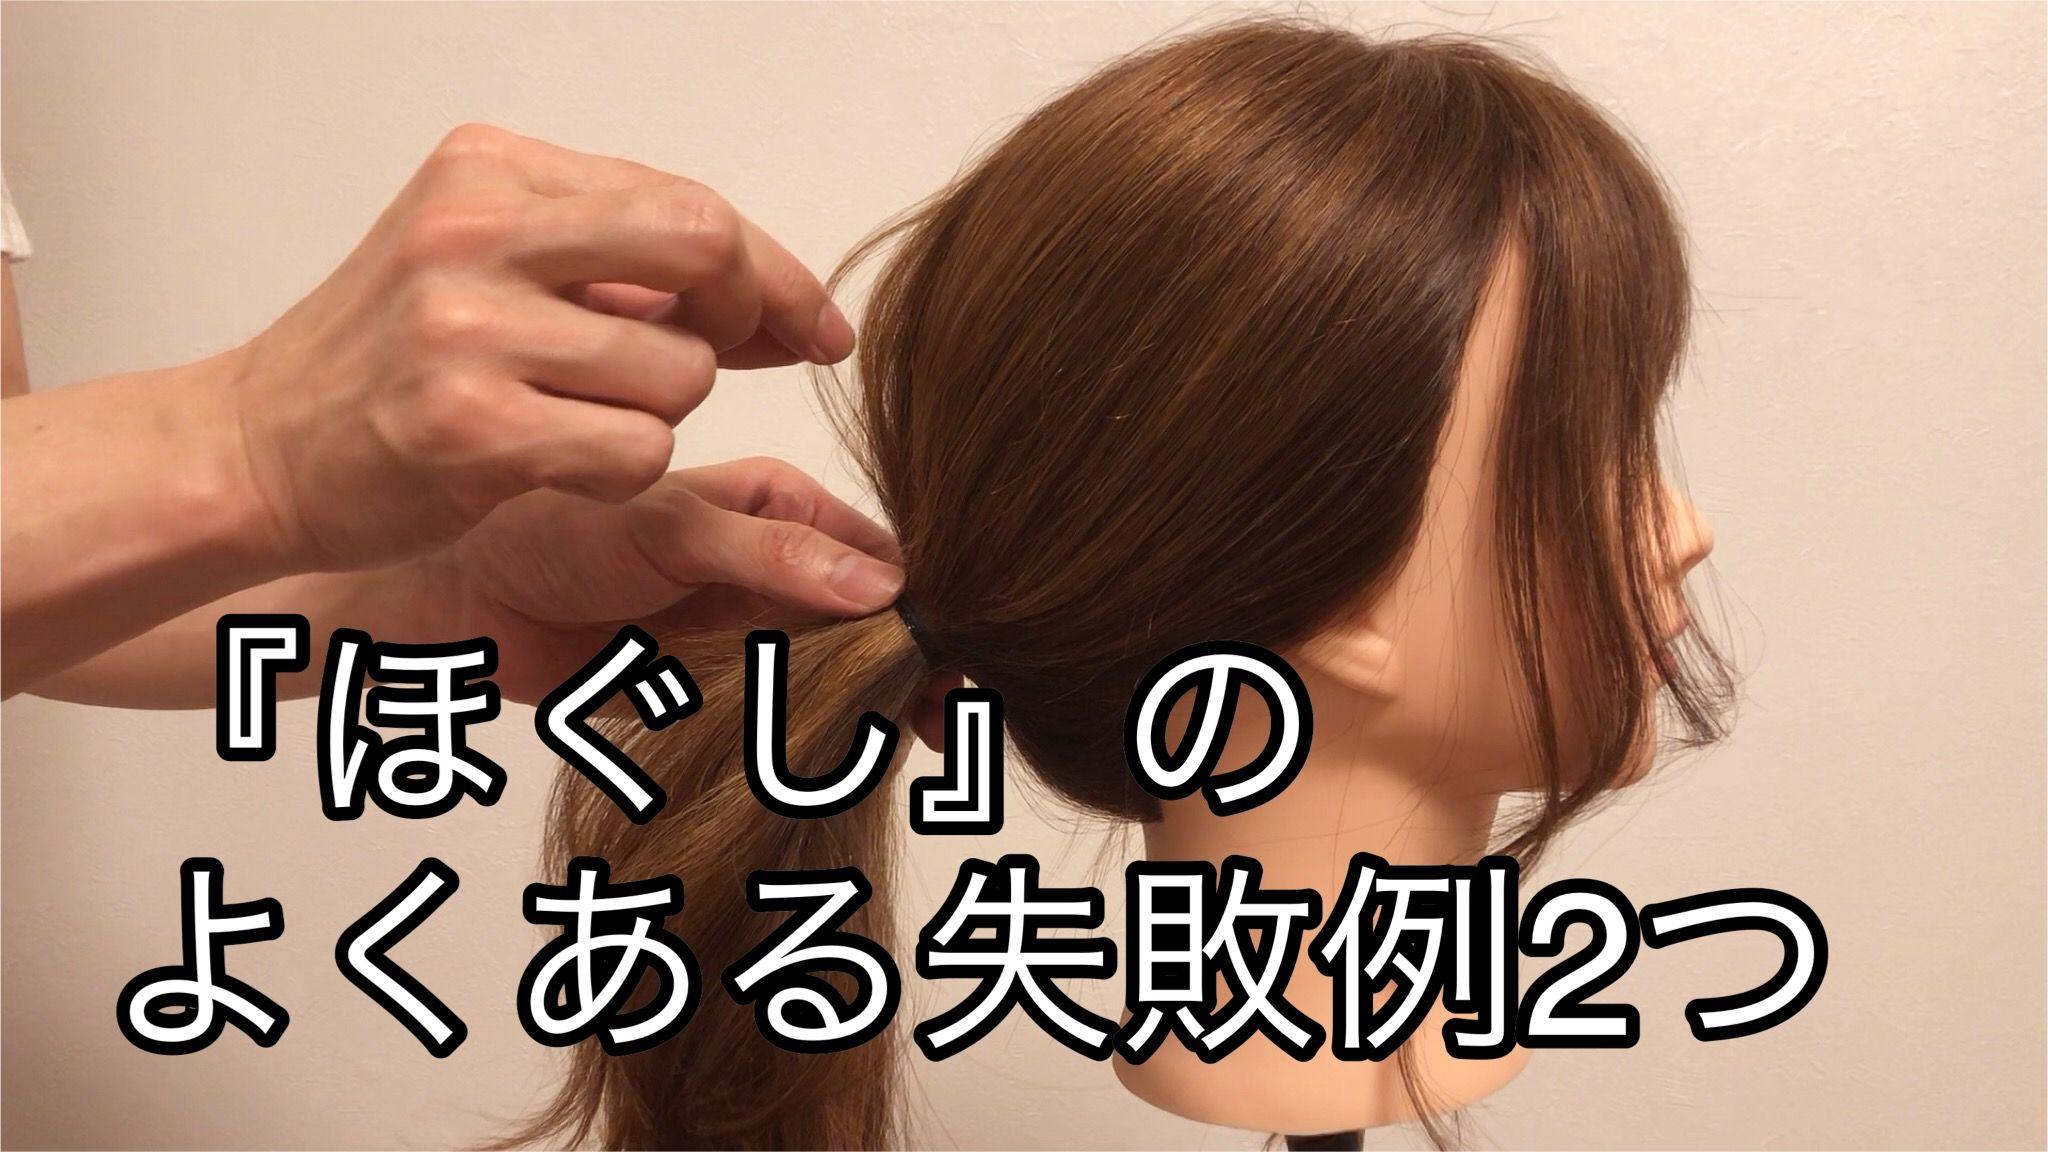 ほぐし のよくある失敗例2つ Mizunotoshirouヘアアレンジ 簡単